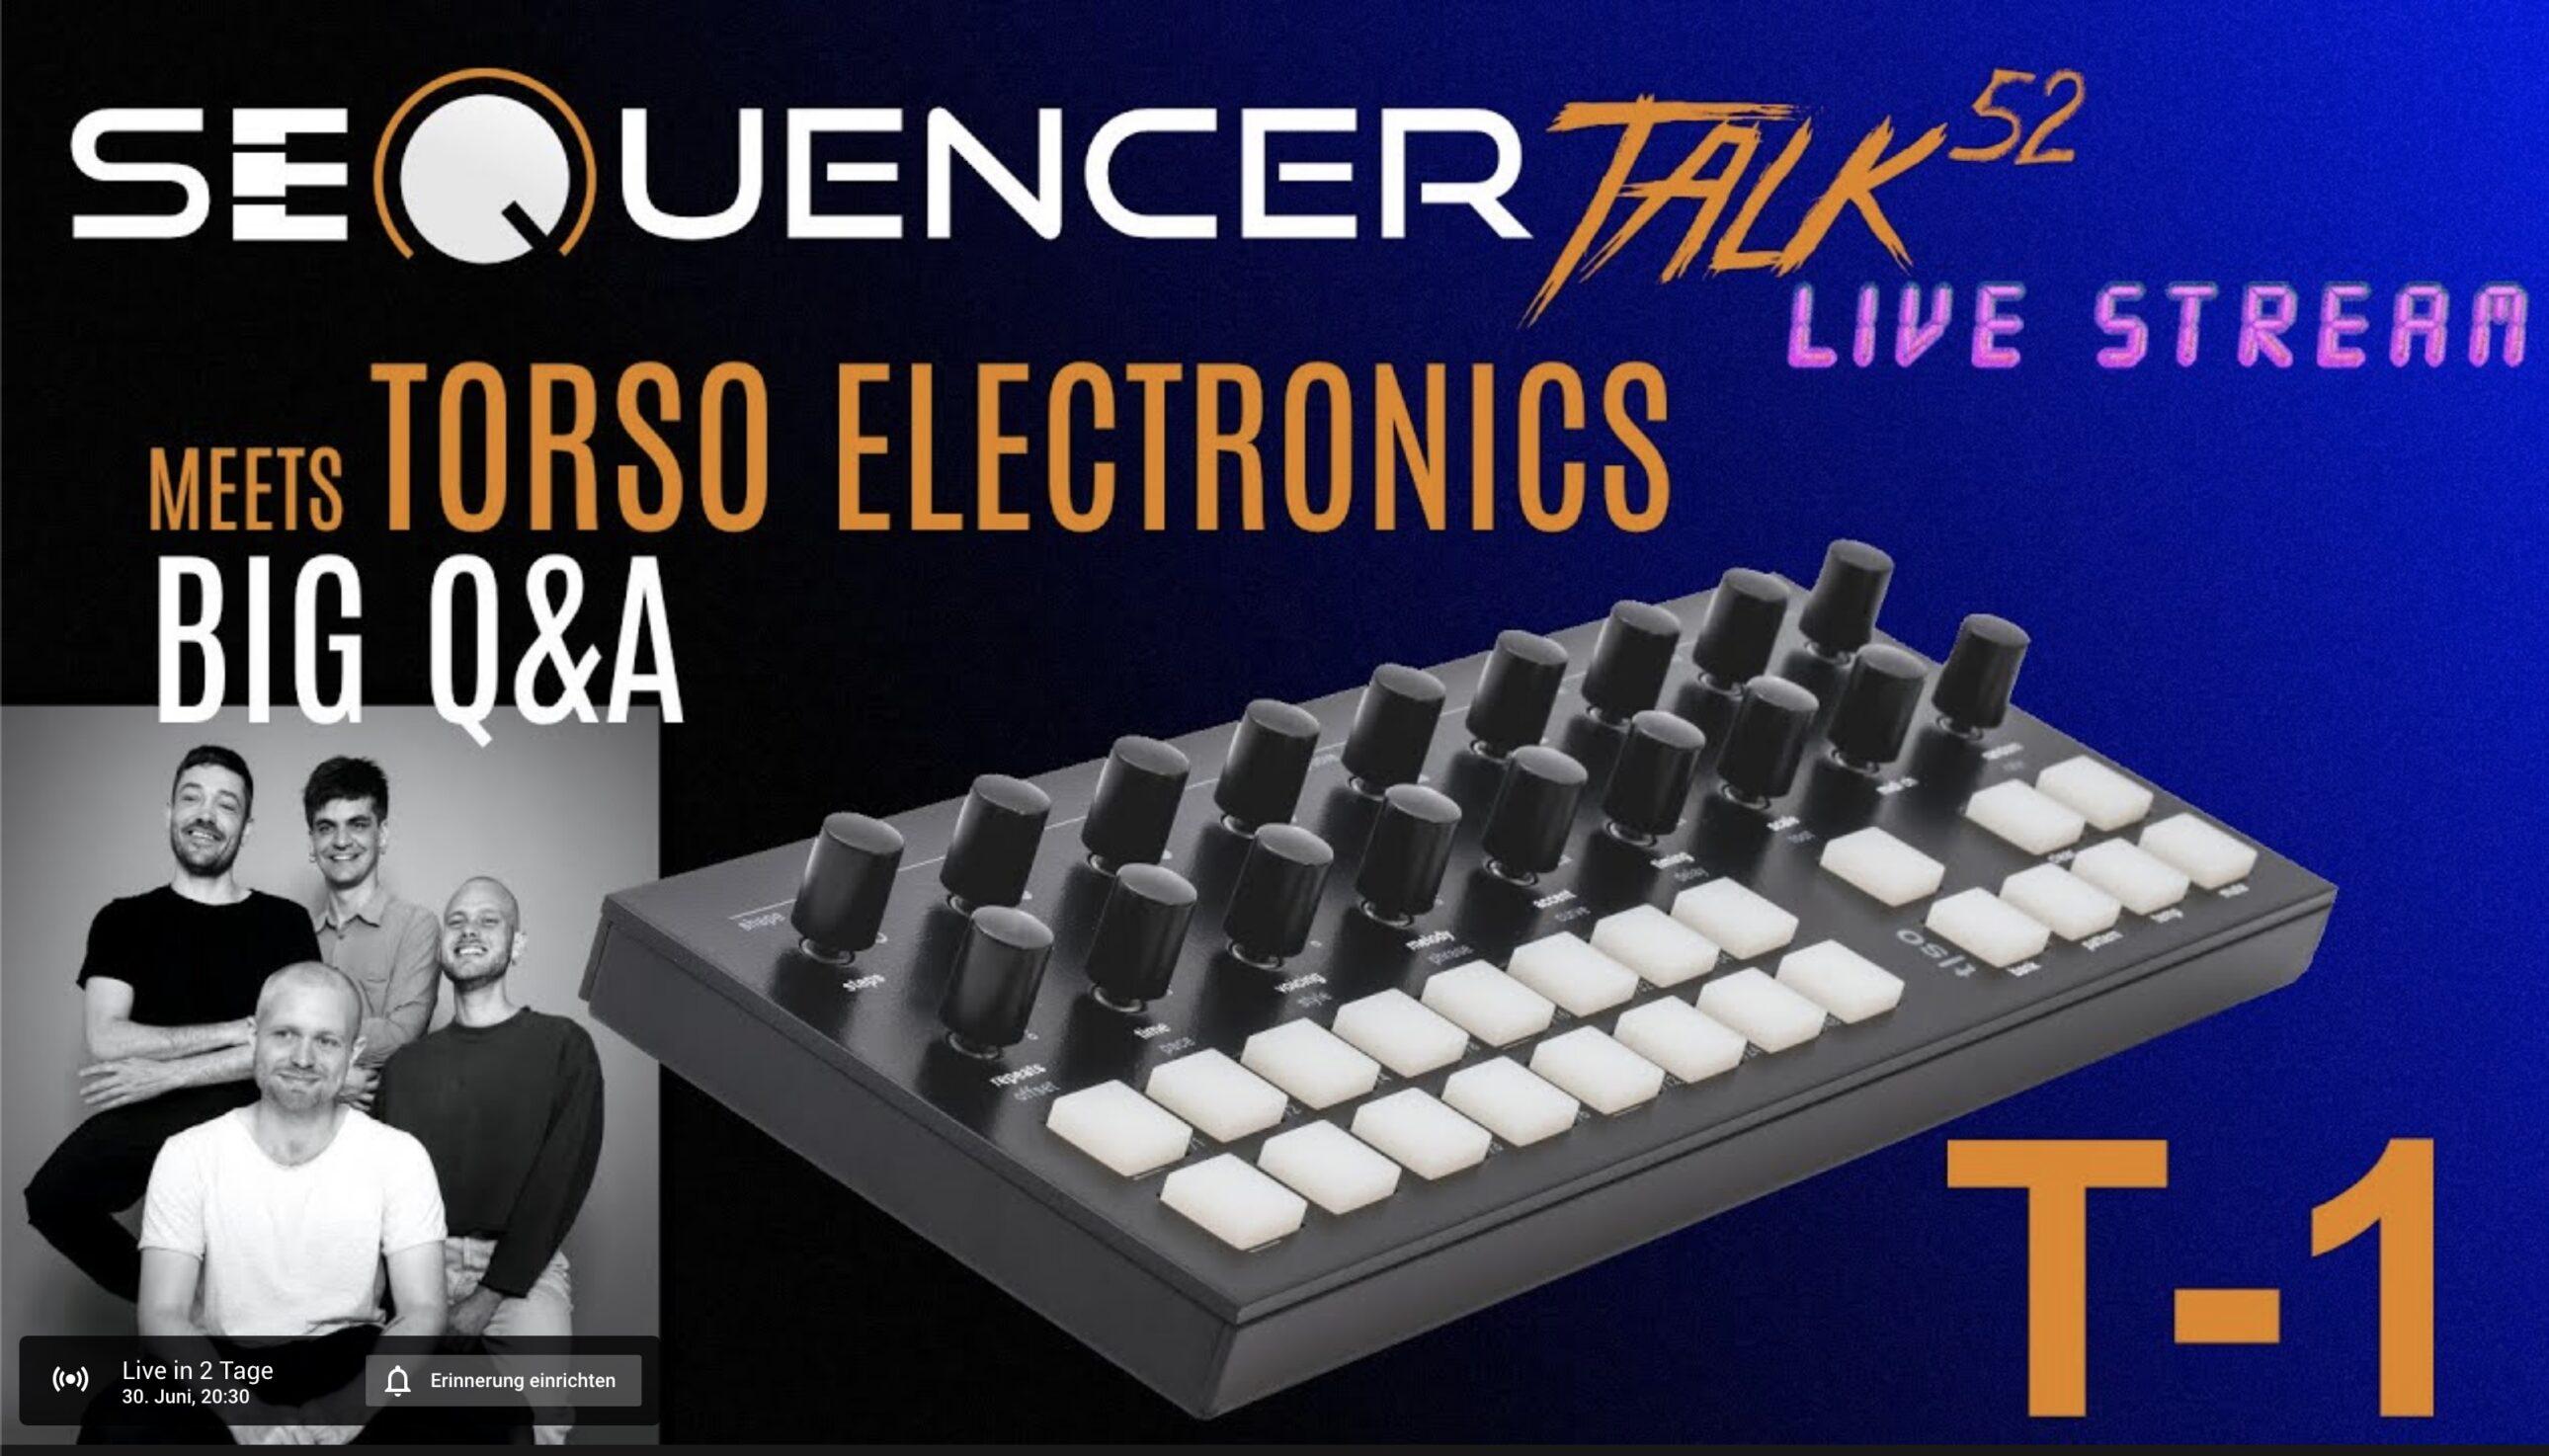 SequencerTalk 52 Torso Electronics